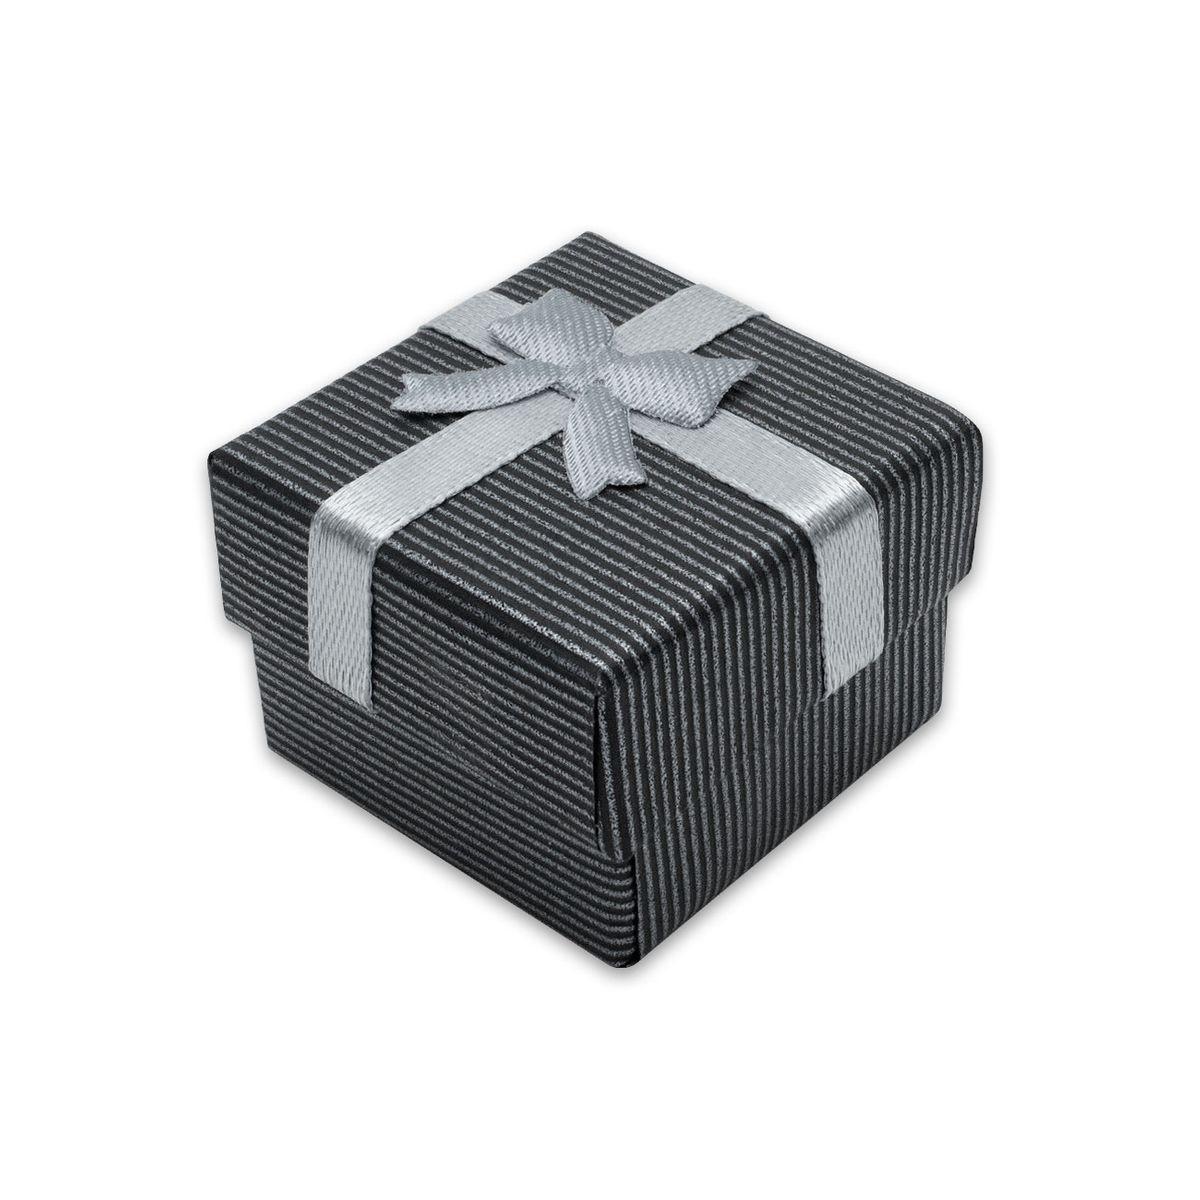 geschenk boxen mit schleife aufbewahrung gastgeschenk grau edel schachtel ebay. Black Bedroom Furniture Sets. Home Design Ideas